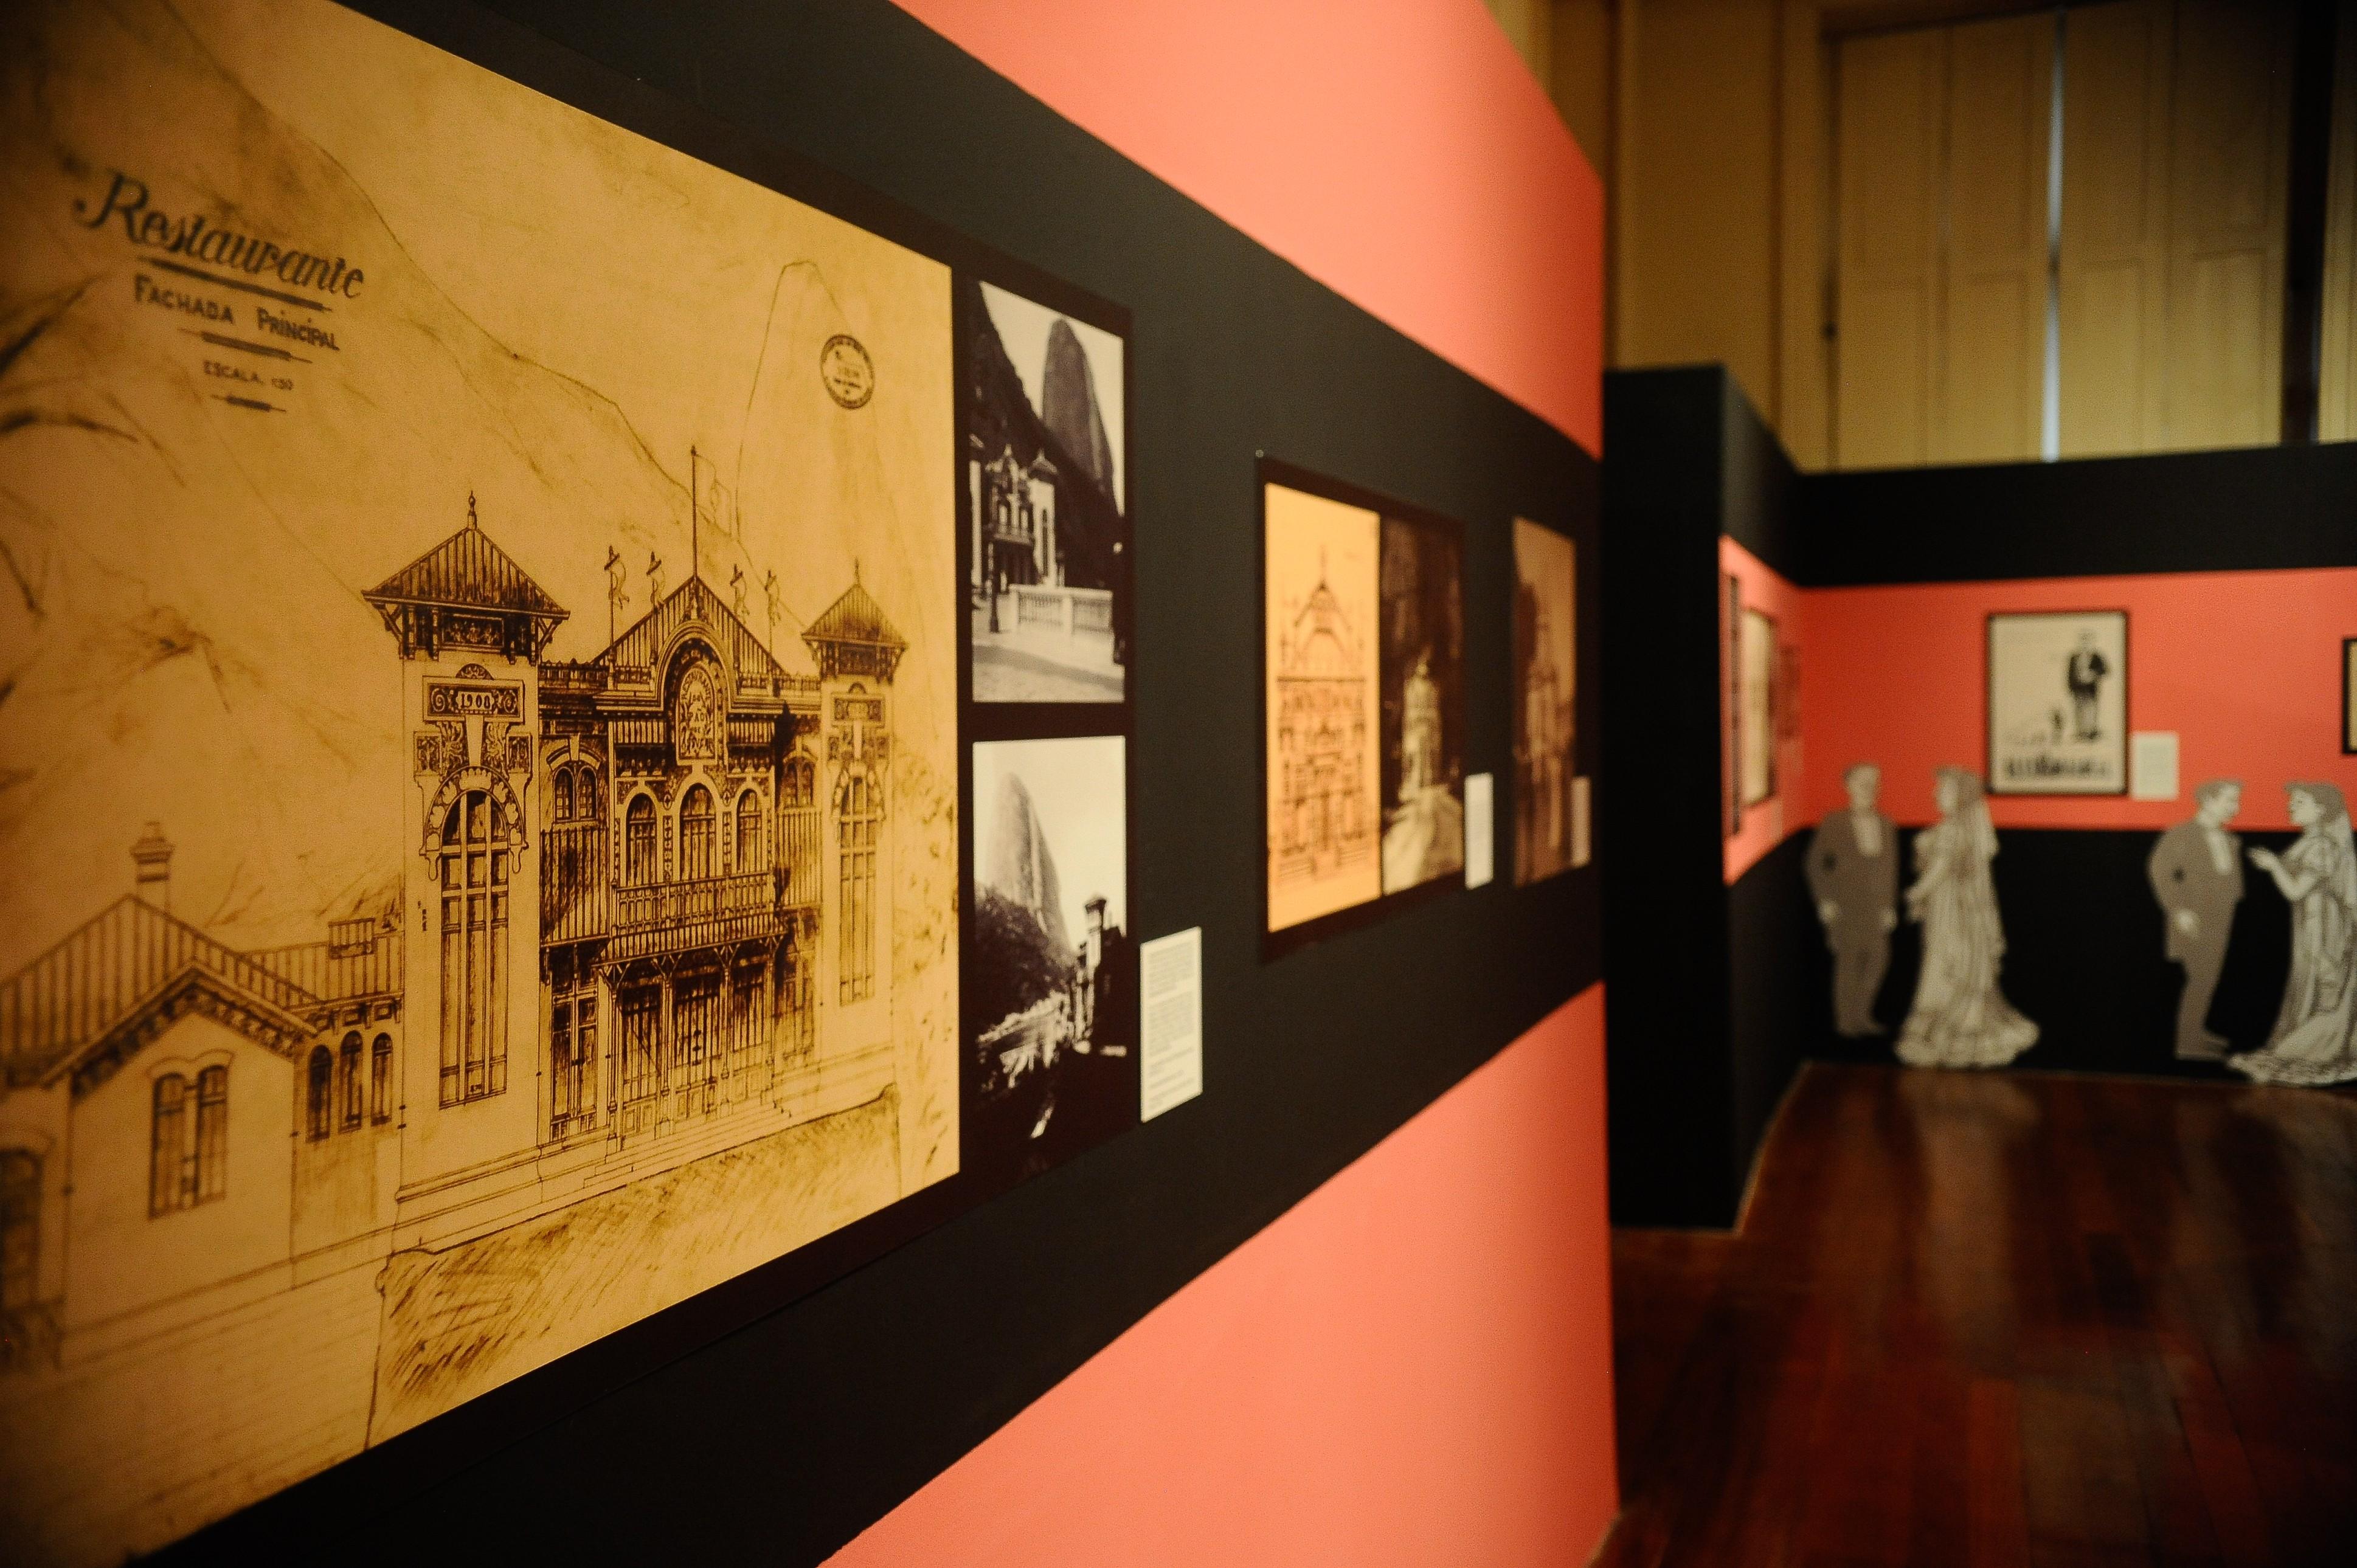 Exposição de fotos no Arquivo Nacional, no Rio de Janeiro (Foto: Agência Brasil)